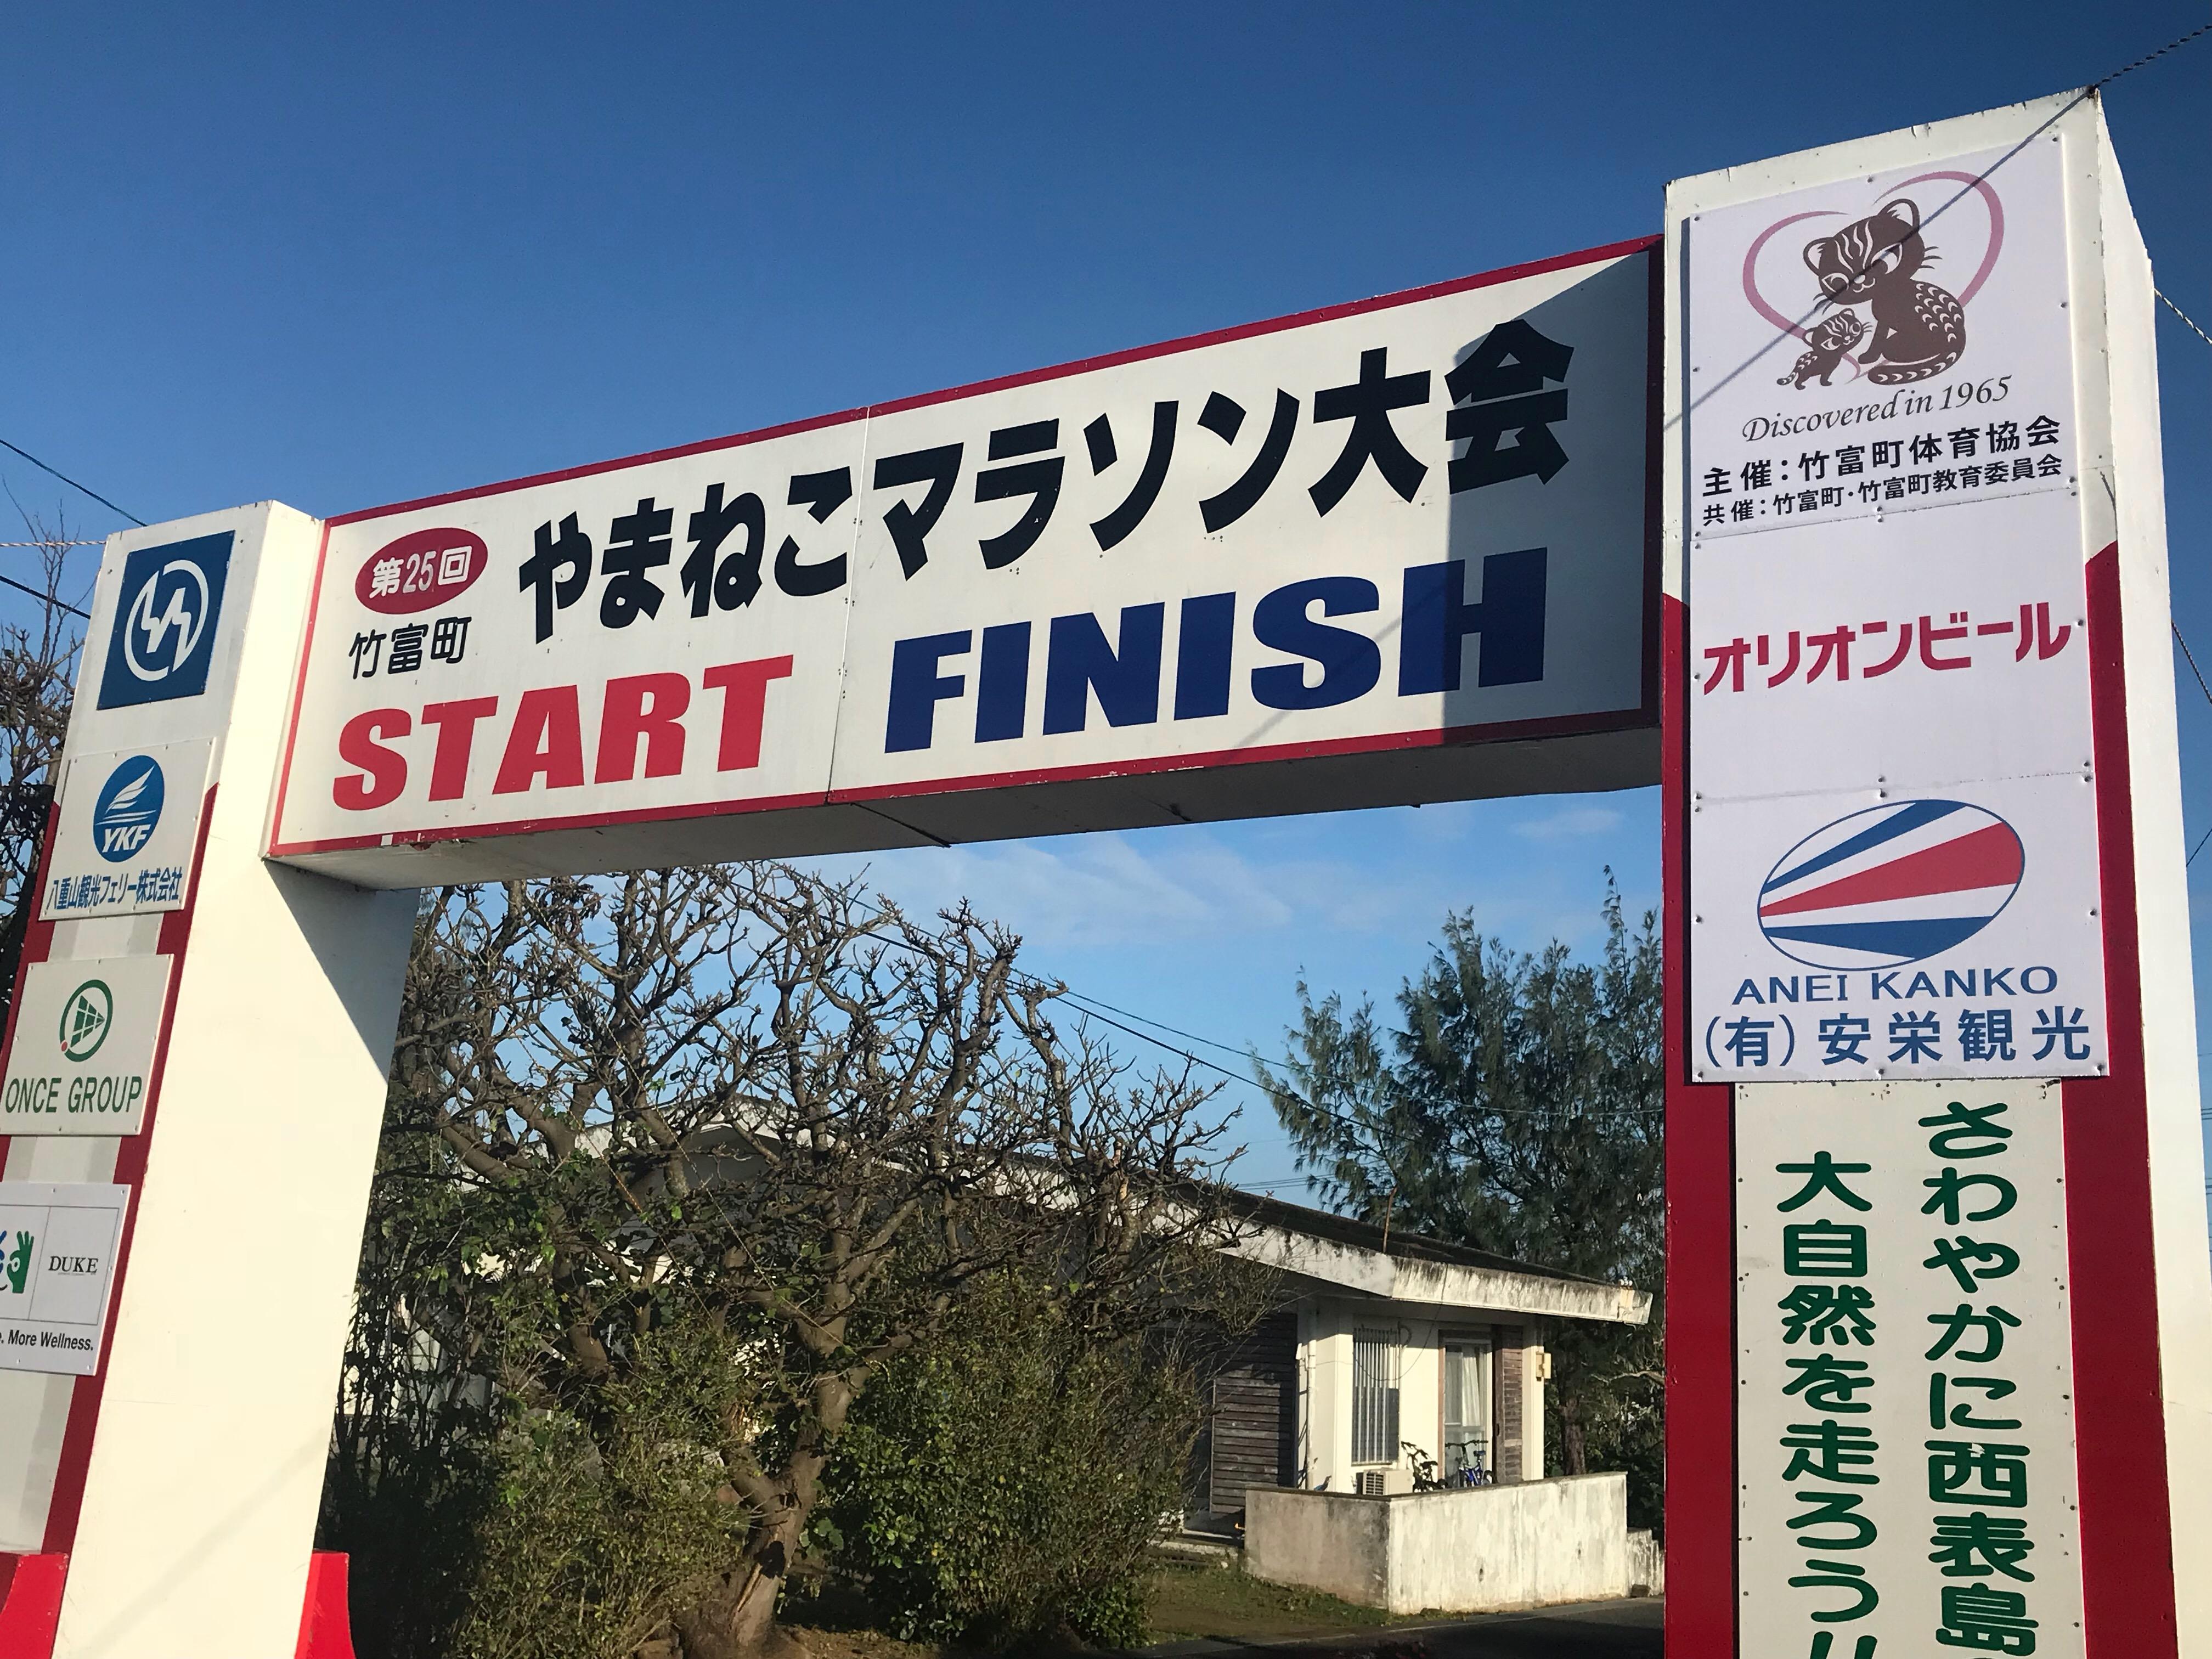 走りはじめて6カ月 今週末に「やまねこマラソン大会」初参加!